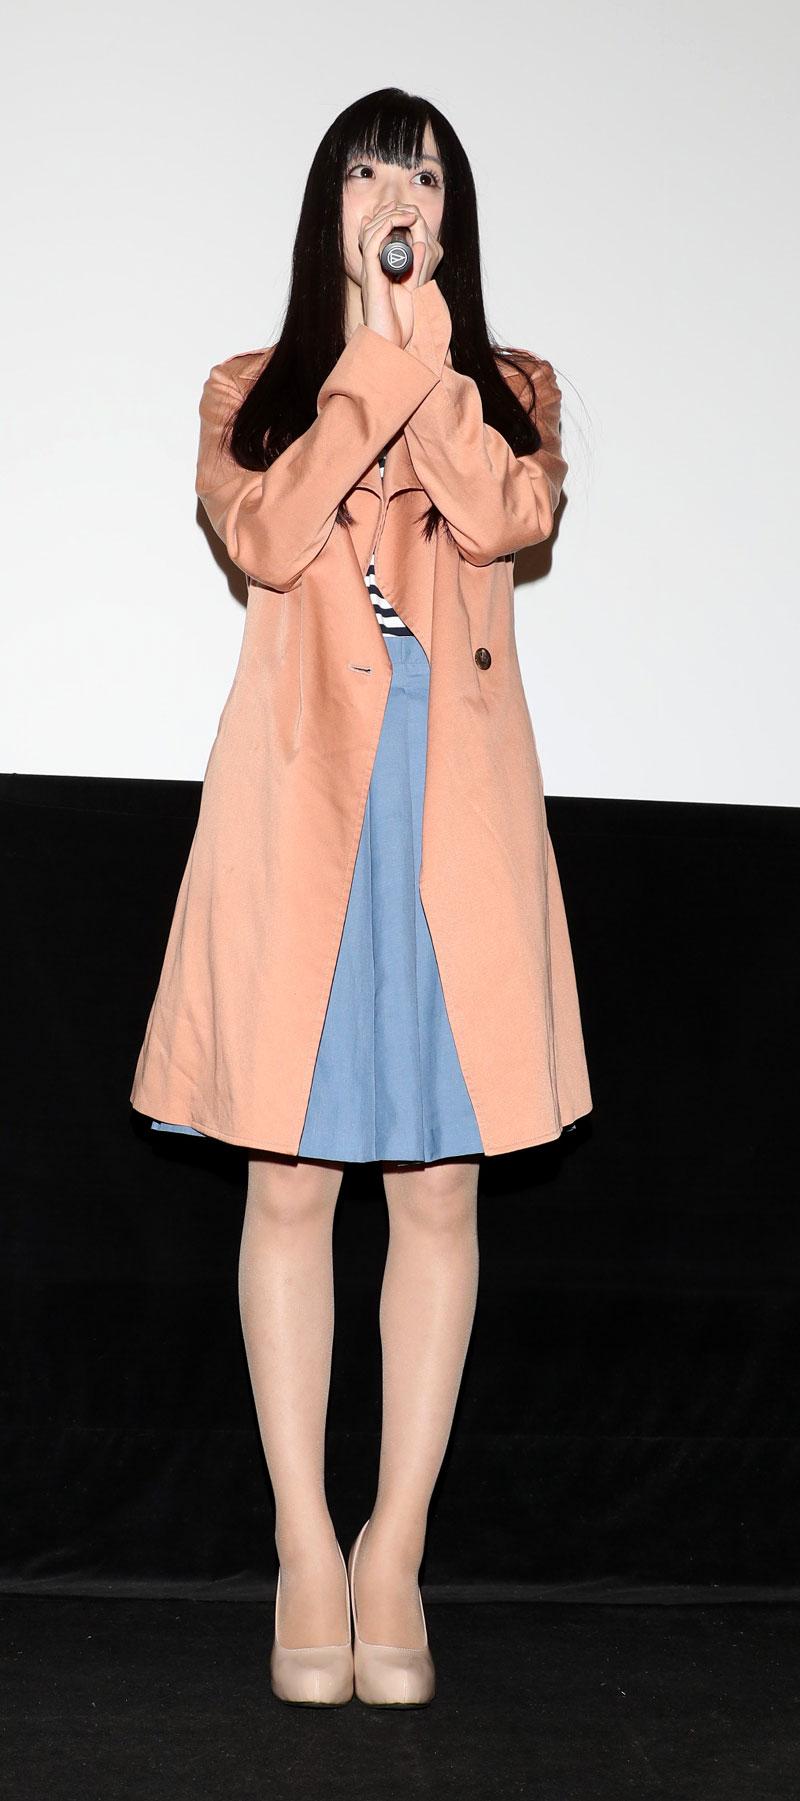 Images : 5番目の画像 - 「山田菜々美(AKB48)、百川晴香/映画『黒看』のプレミア上映会開催。「スクリーンに自分が映っているのは不思議な気持ちですけど、たくさんの方が来てくださって幸せです」」のアルバム - Stereo Sound ONLINE